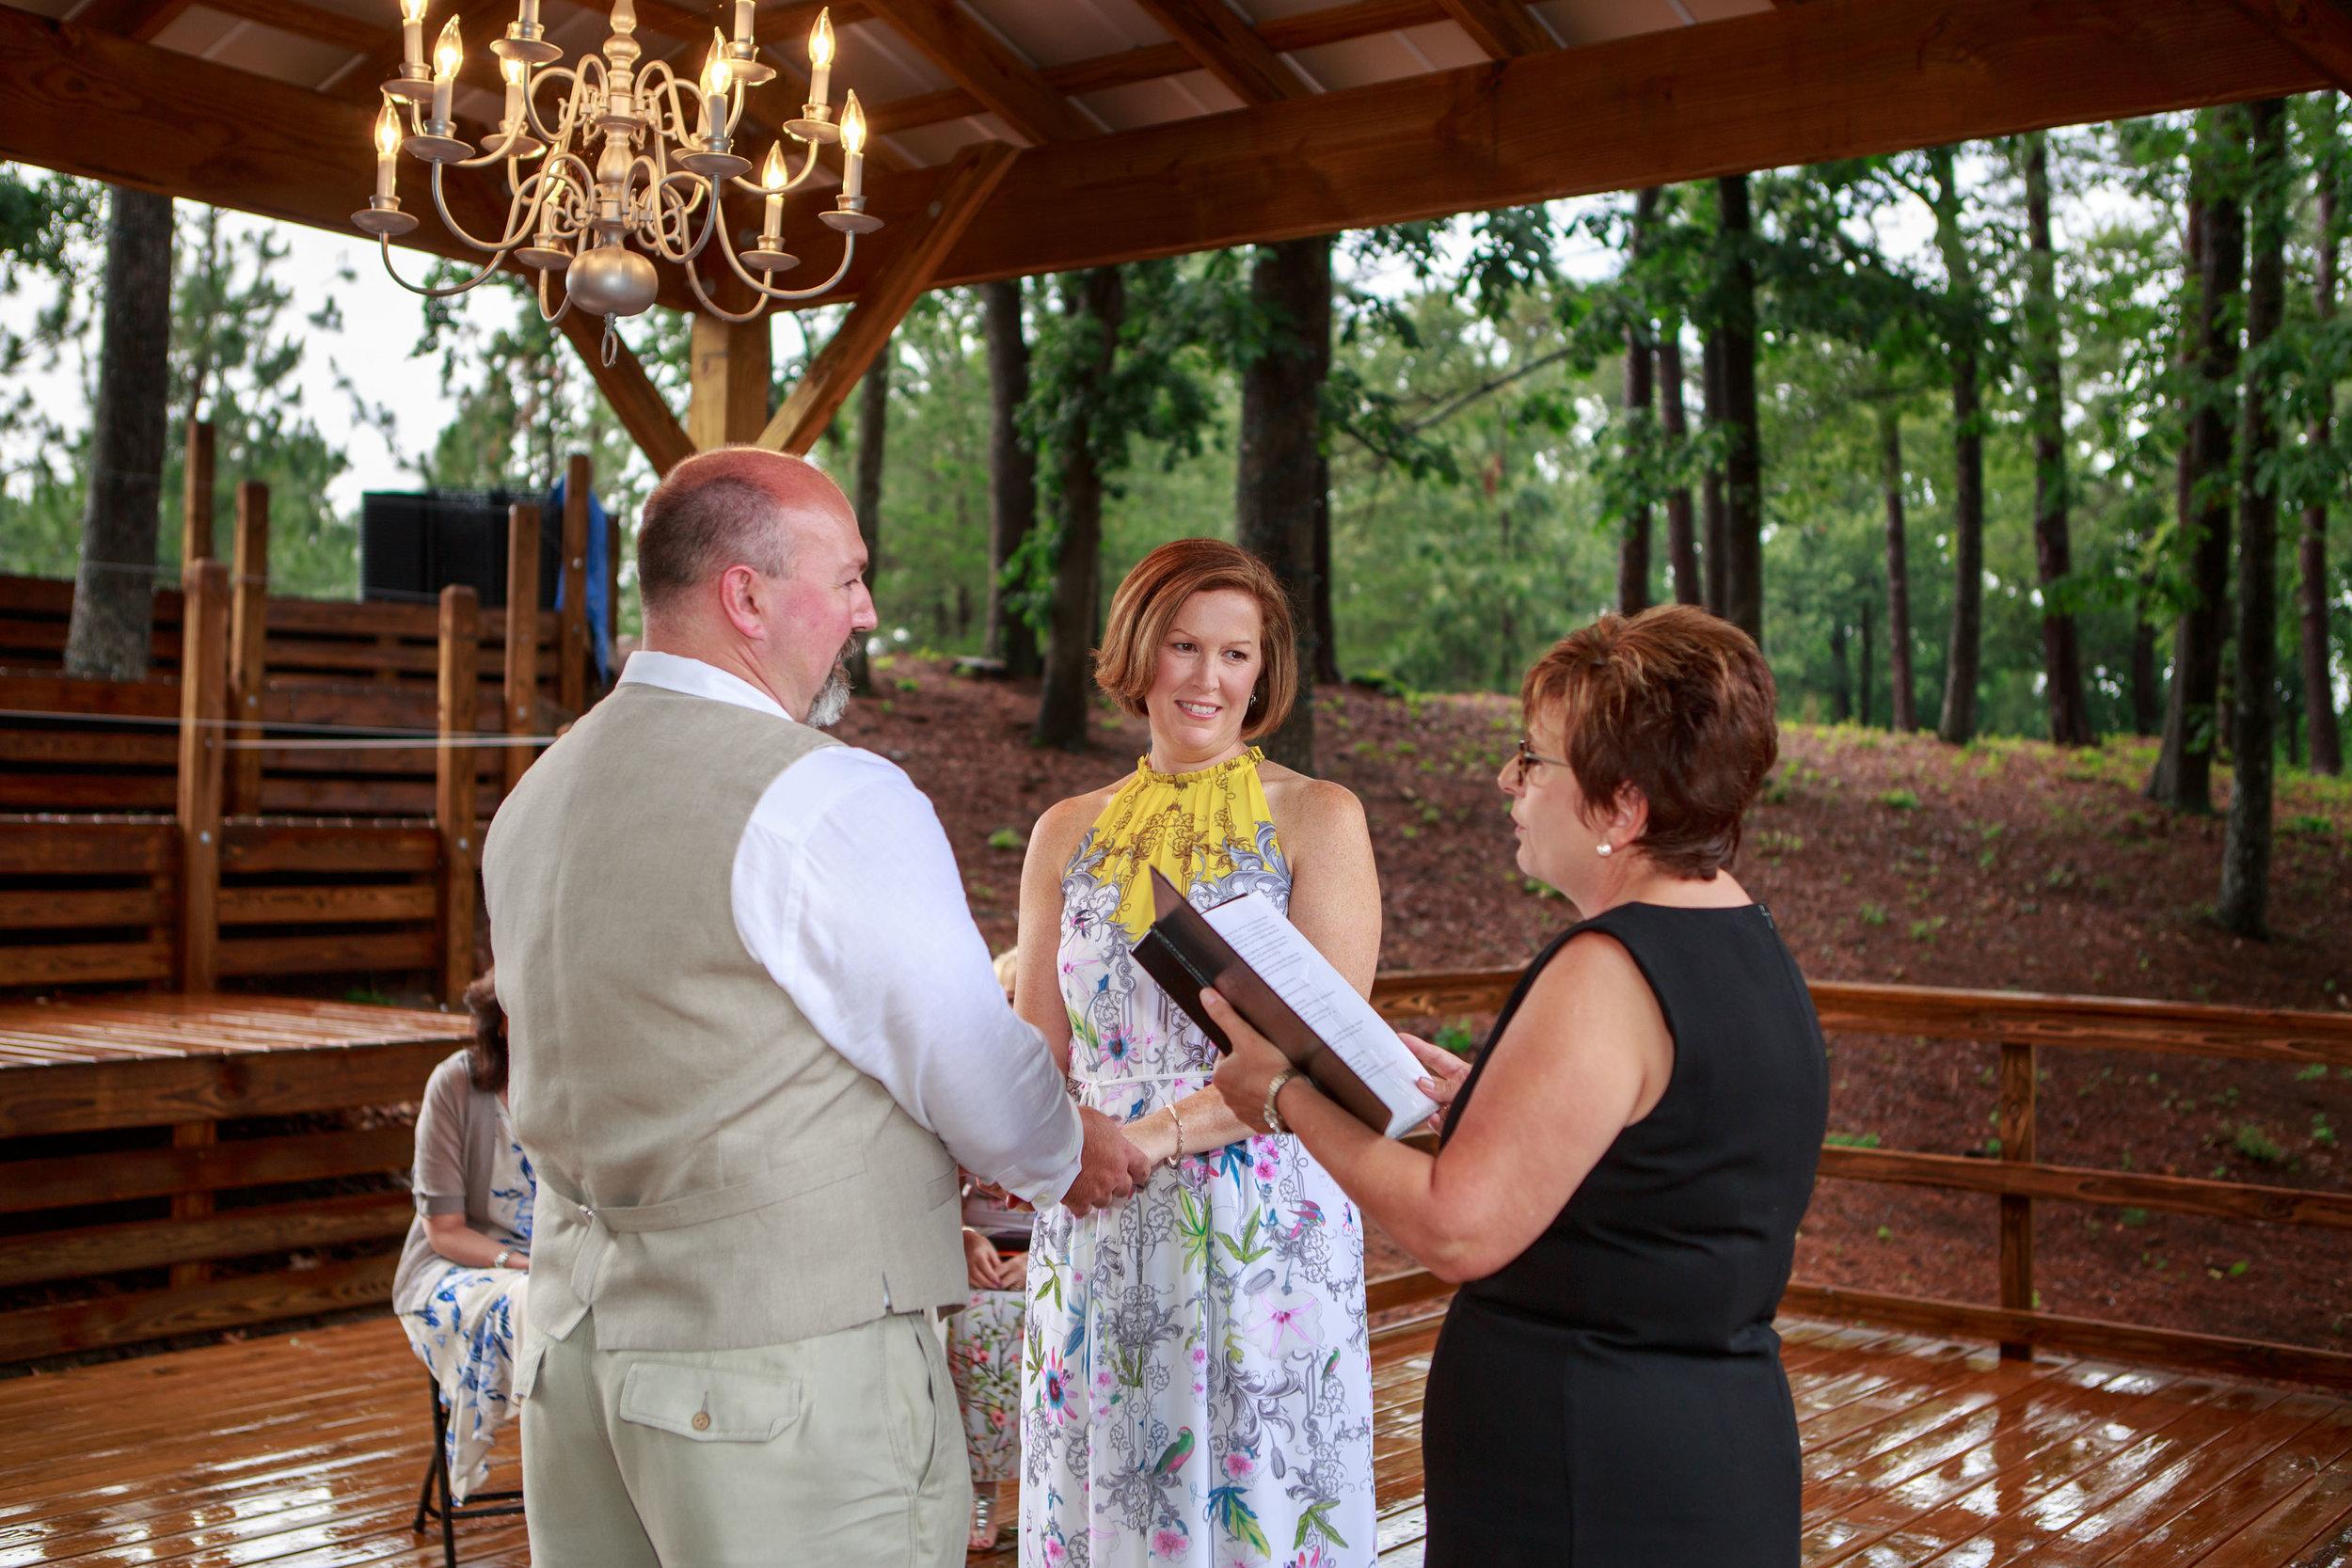 NC-Wedding-Cape-Fear-Vineyard-11.jpg